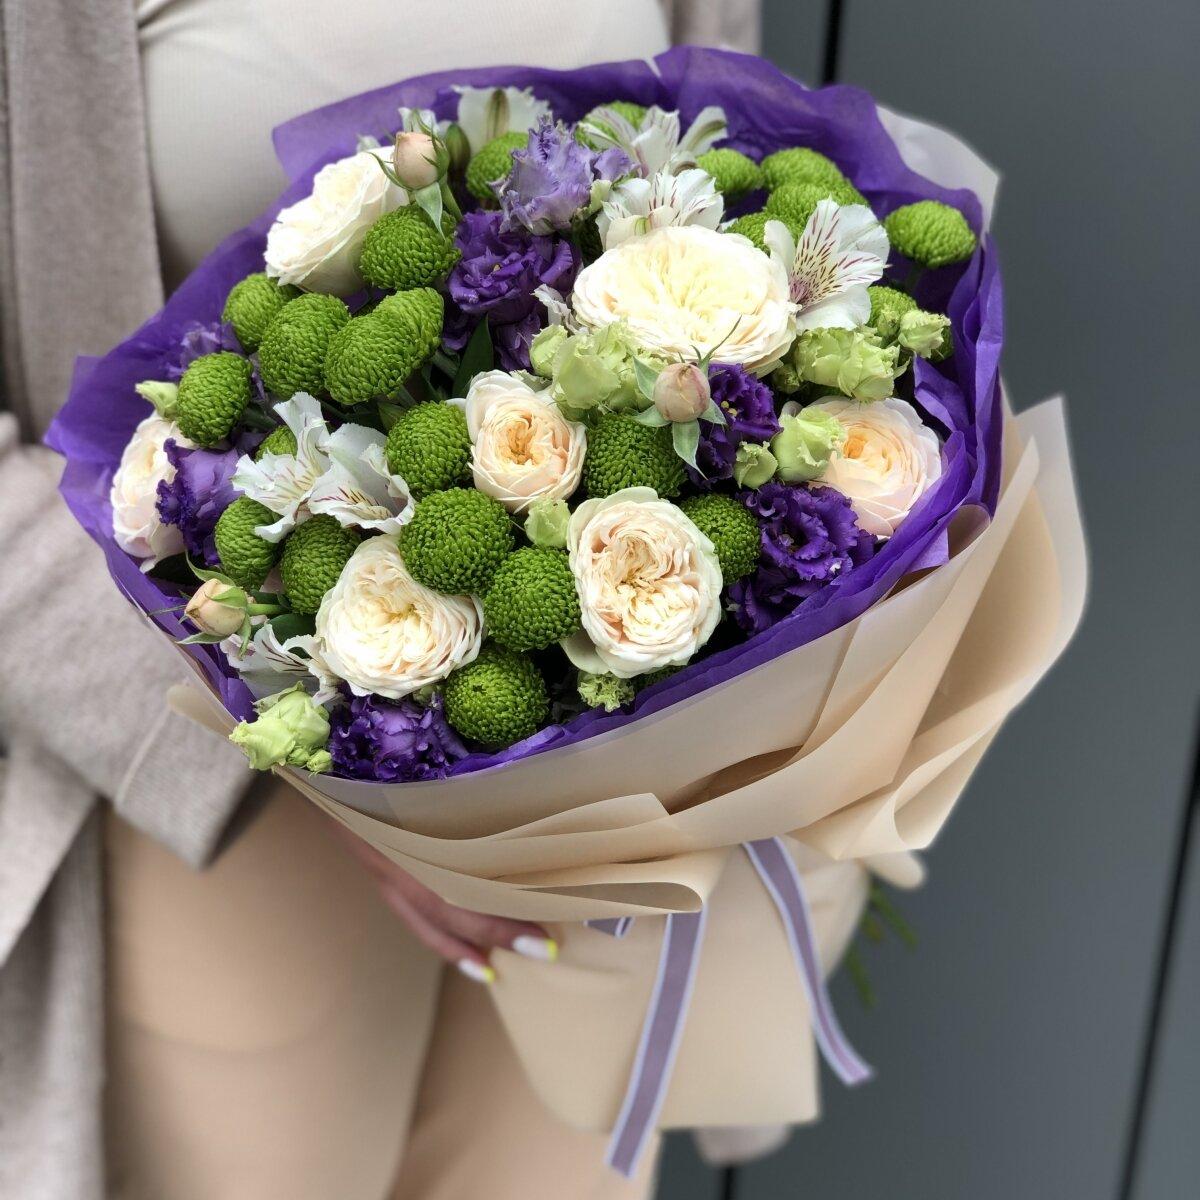 Букет Смайлик из кустовой пионовидной розы, филин грина, эустомы и альстромерии